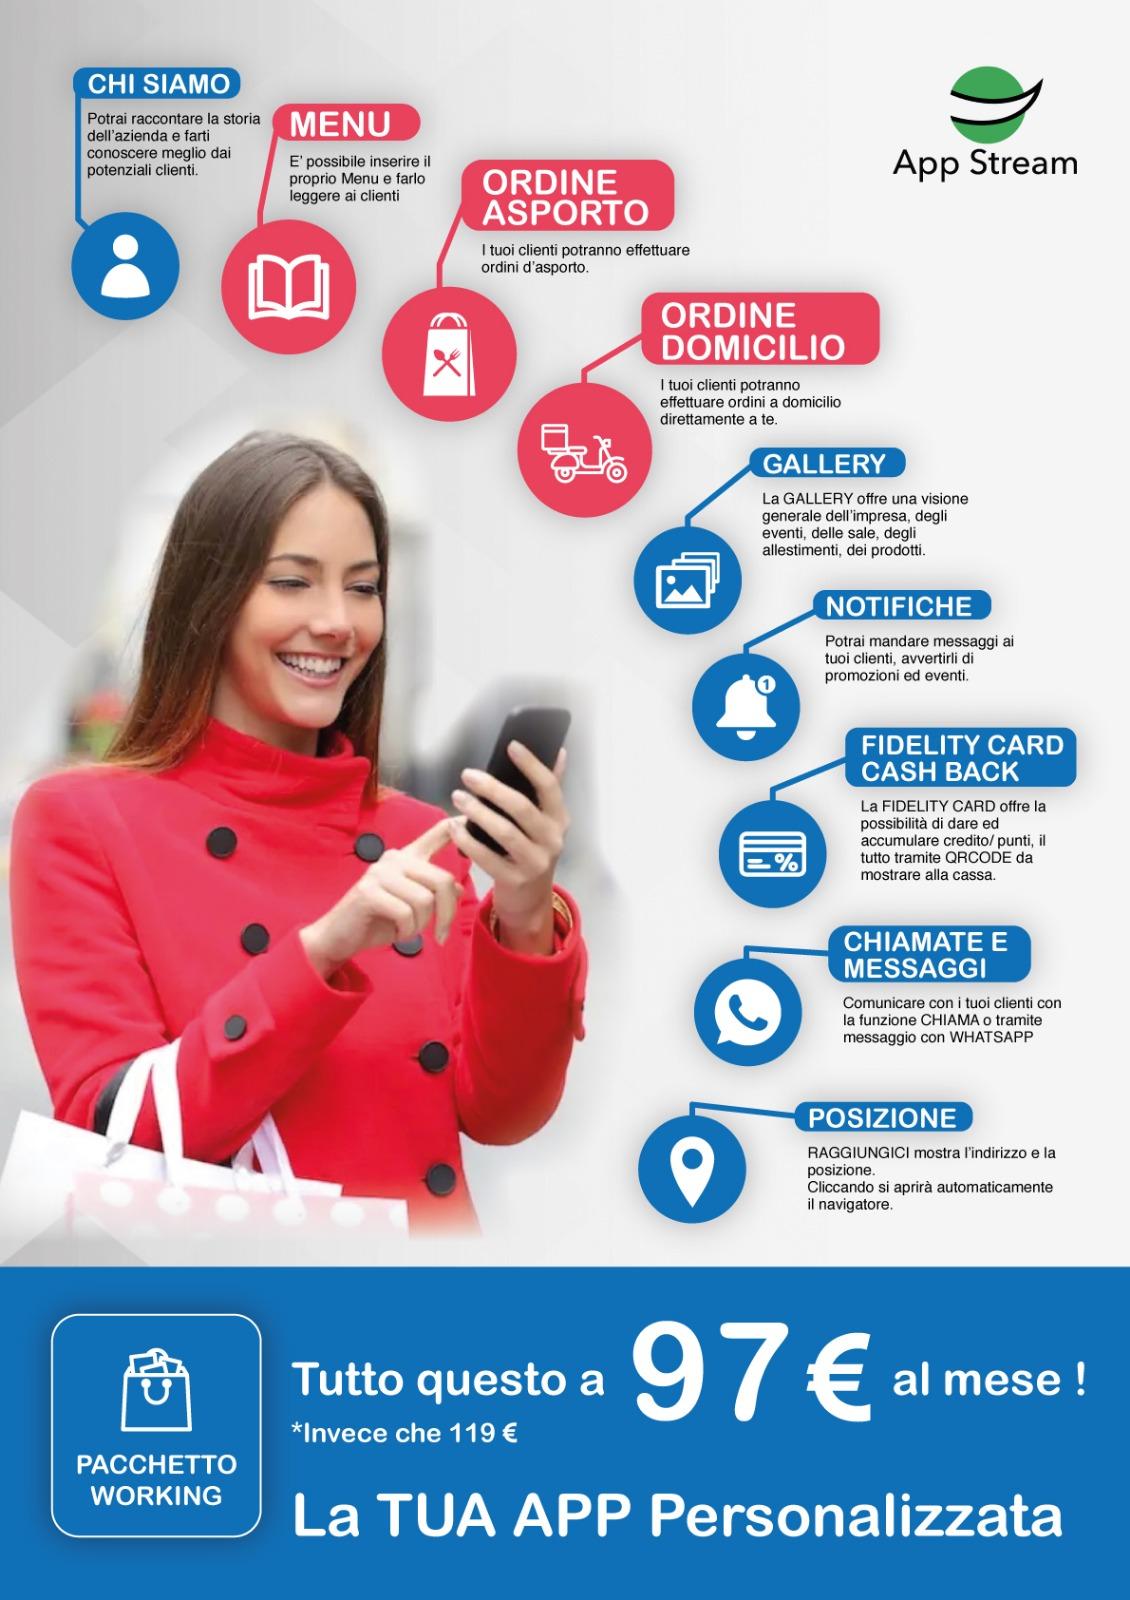 Crea la tua APP personalizzata a solo 97 euro al mese! - 1 -